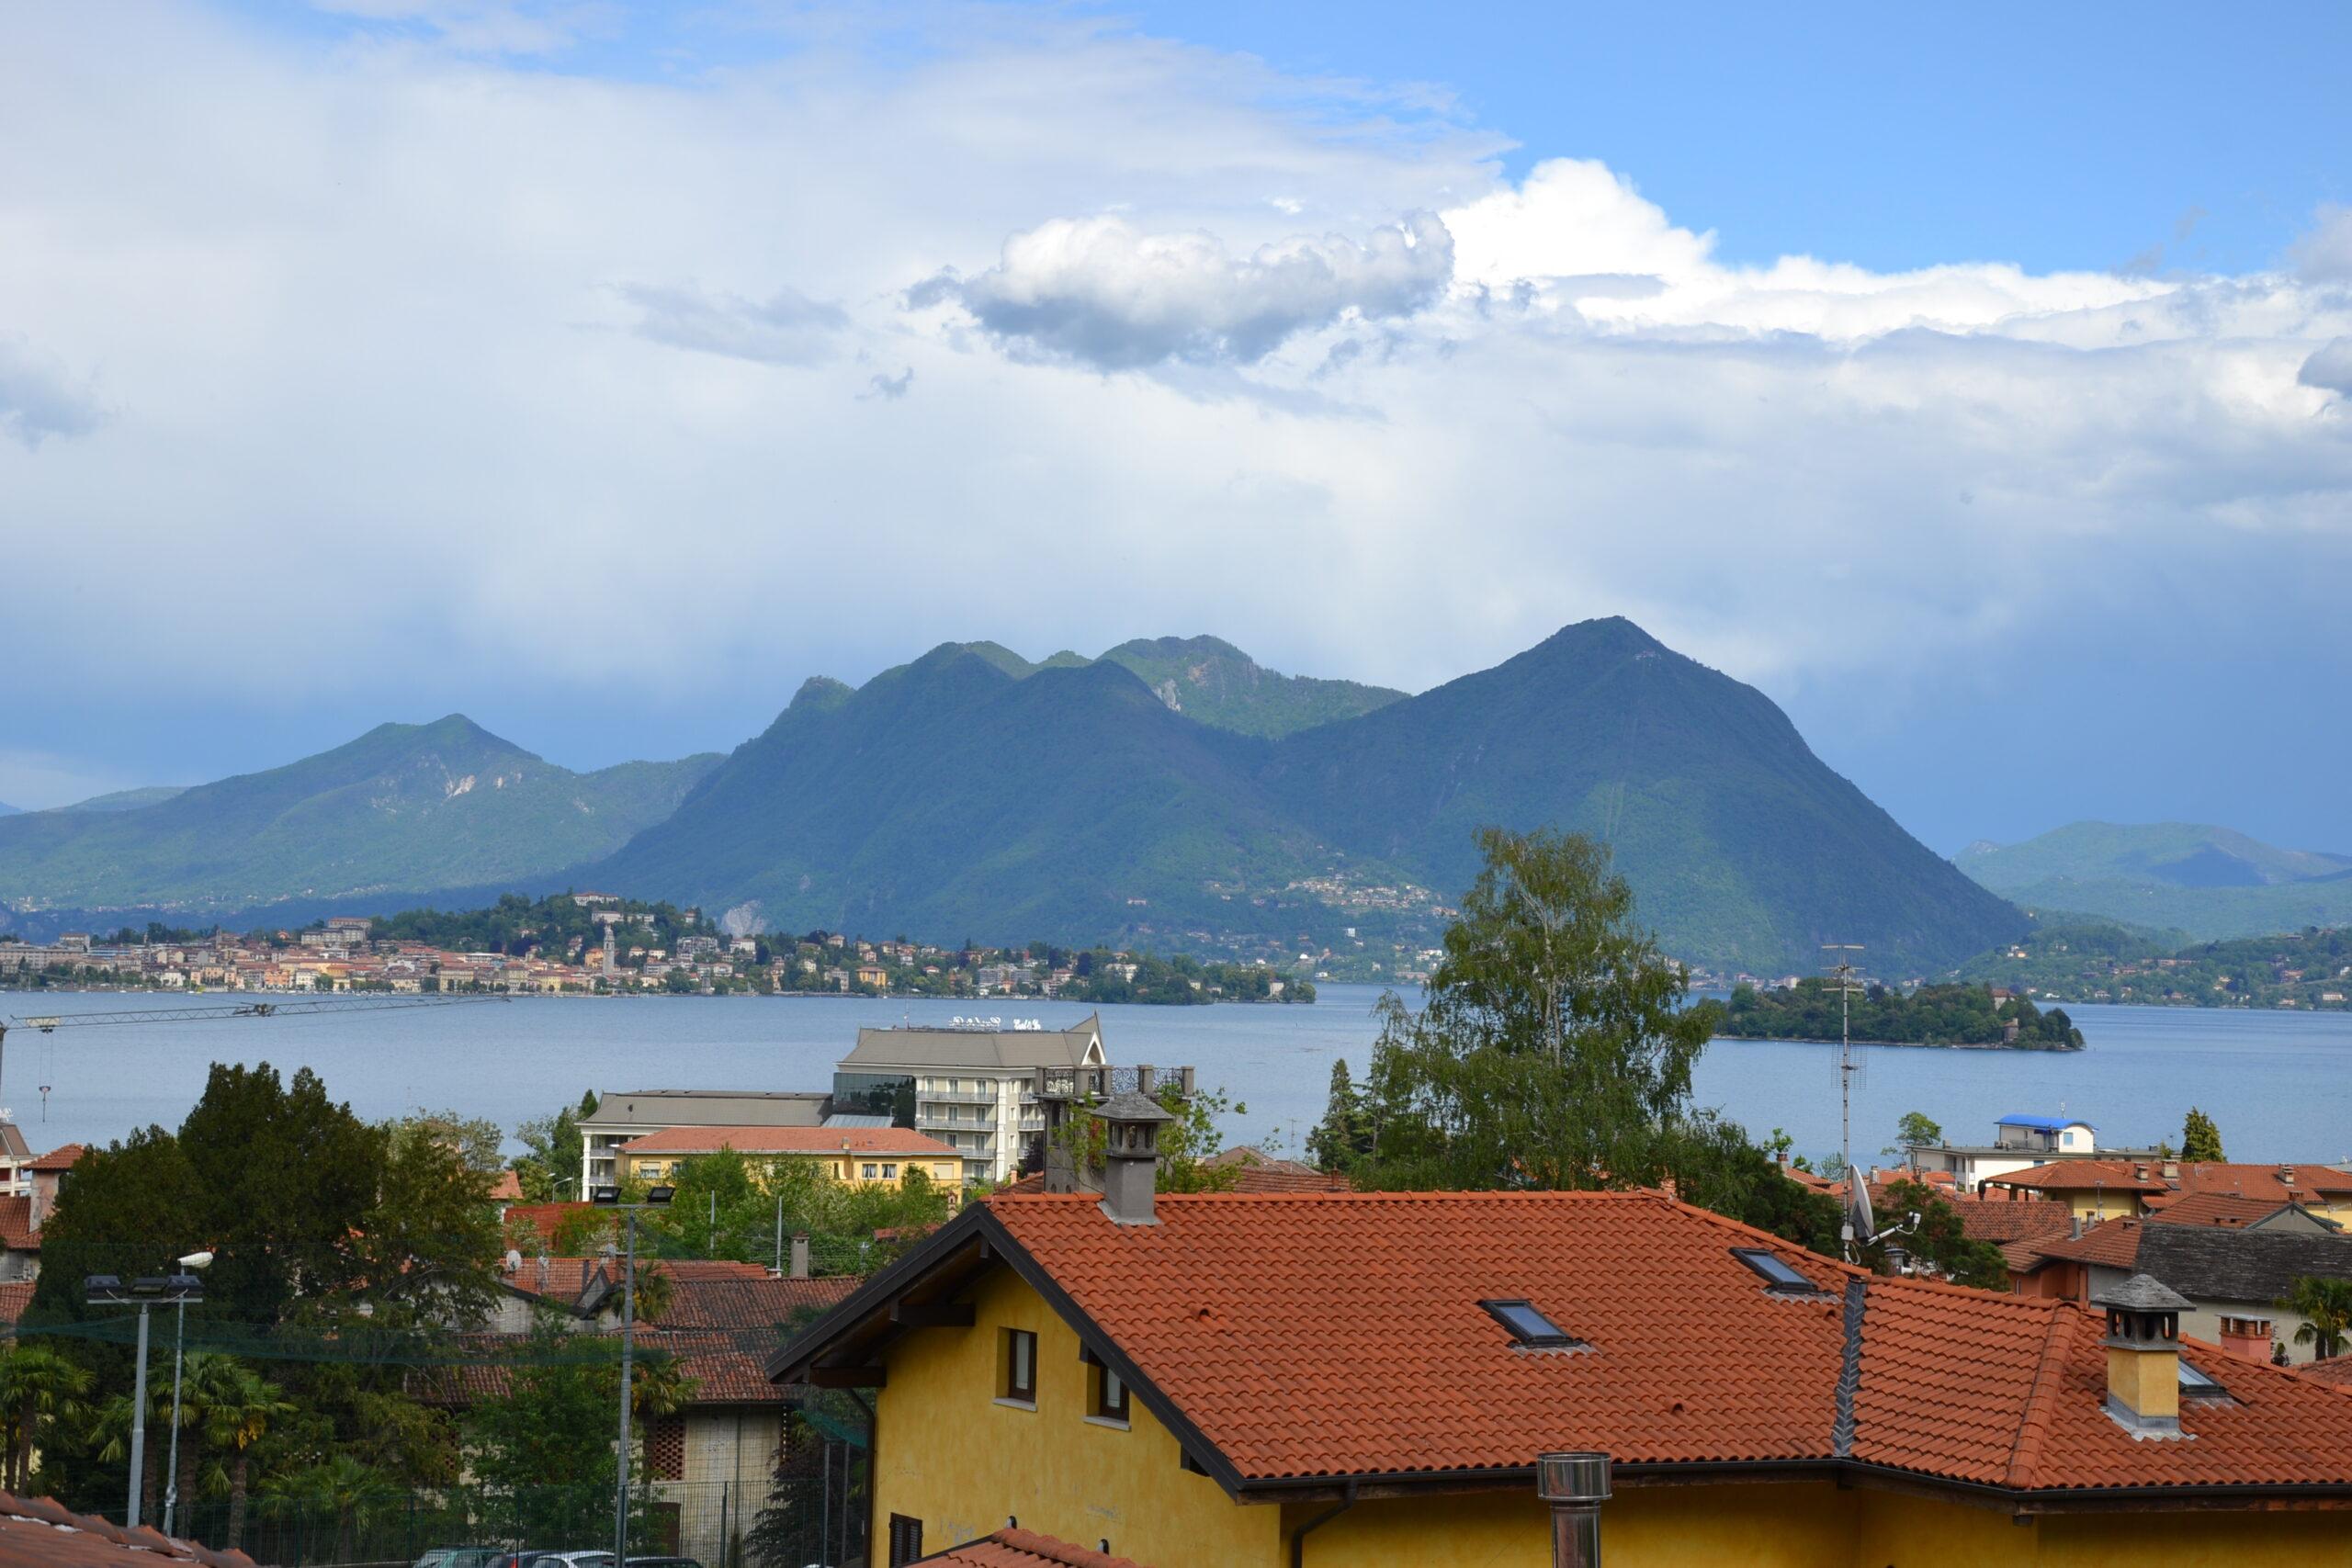 Foto Trilocale con vista lago, Baveno